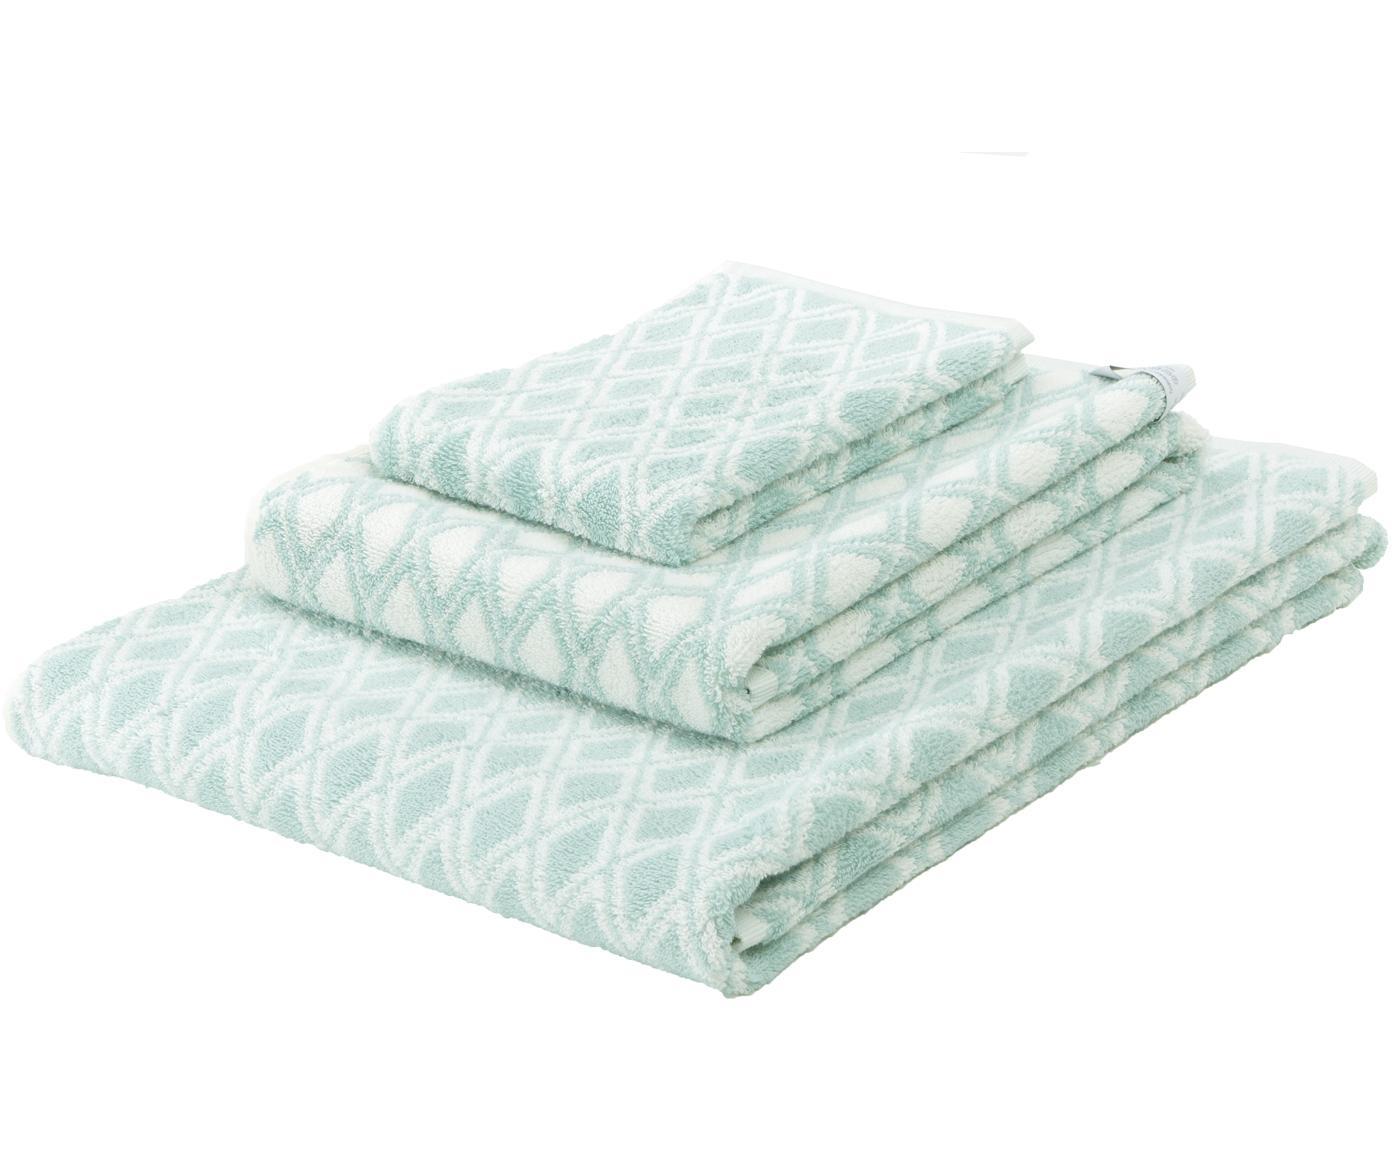 Dubbelzijdige handdoekenset Ava, 3-delig, 100% katoen, middelzware kwaliteit, 550 g/m², Mintgroen, crèmewit, Verschillende formaten